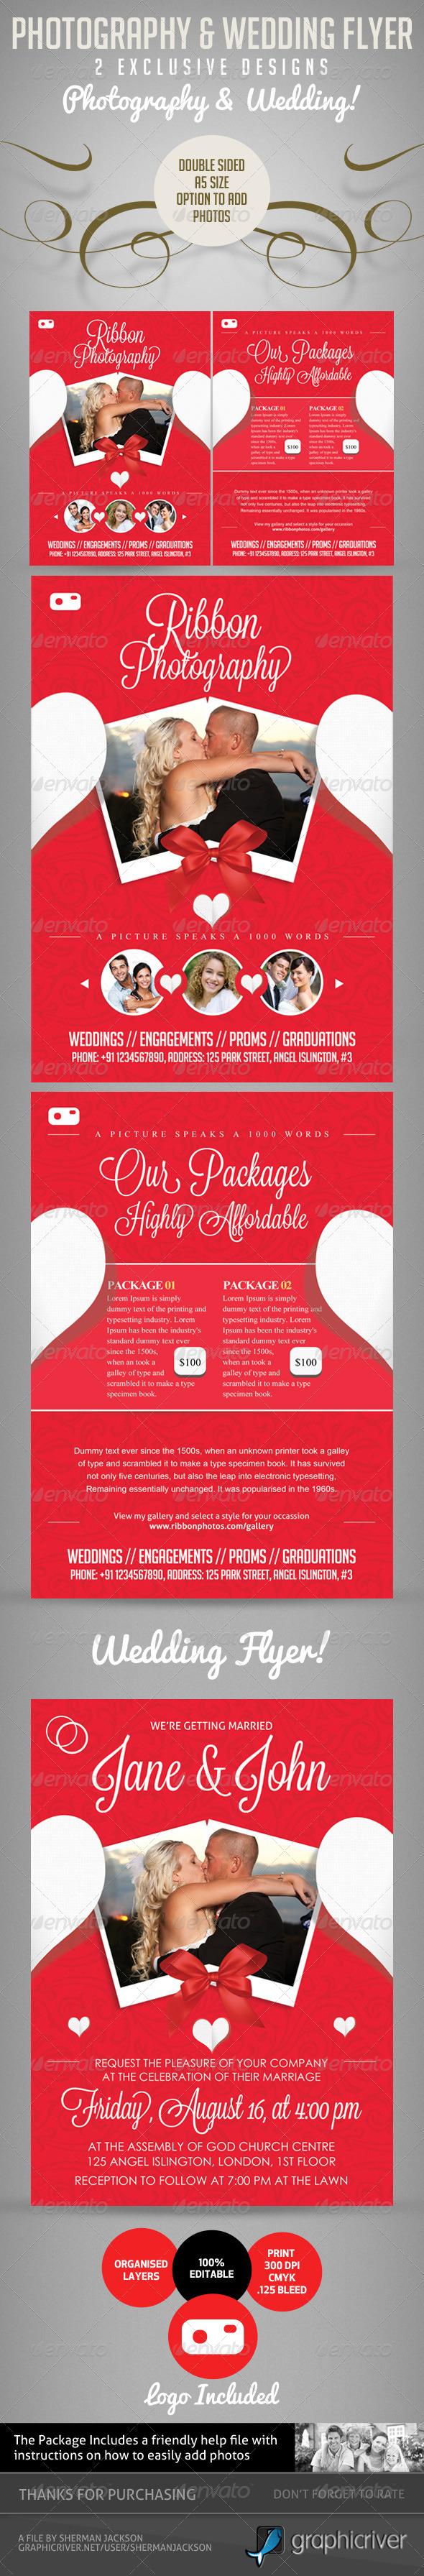 Pro Photography Flyer & Wedding Flyer